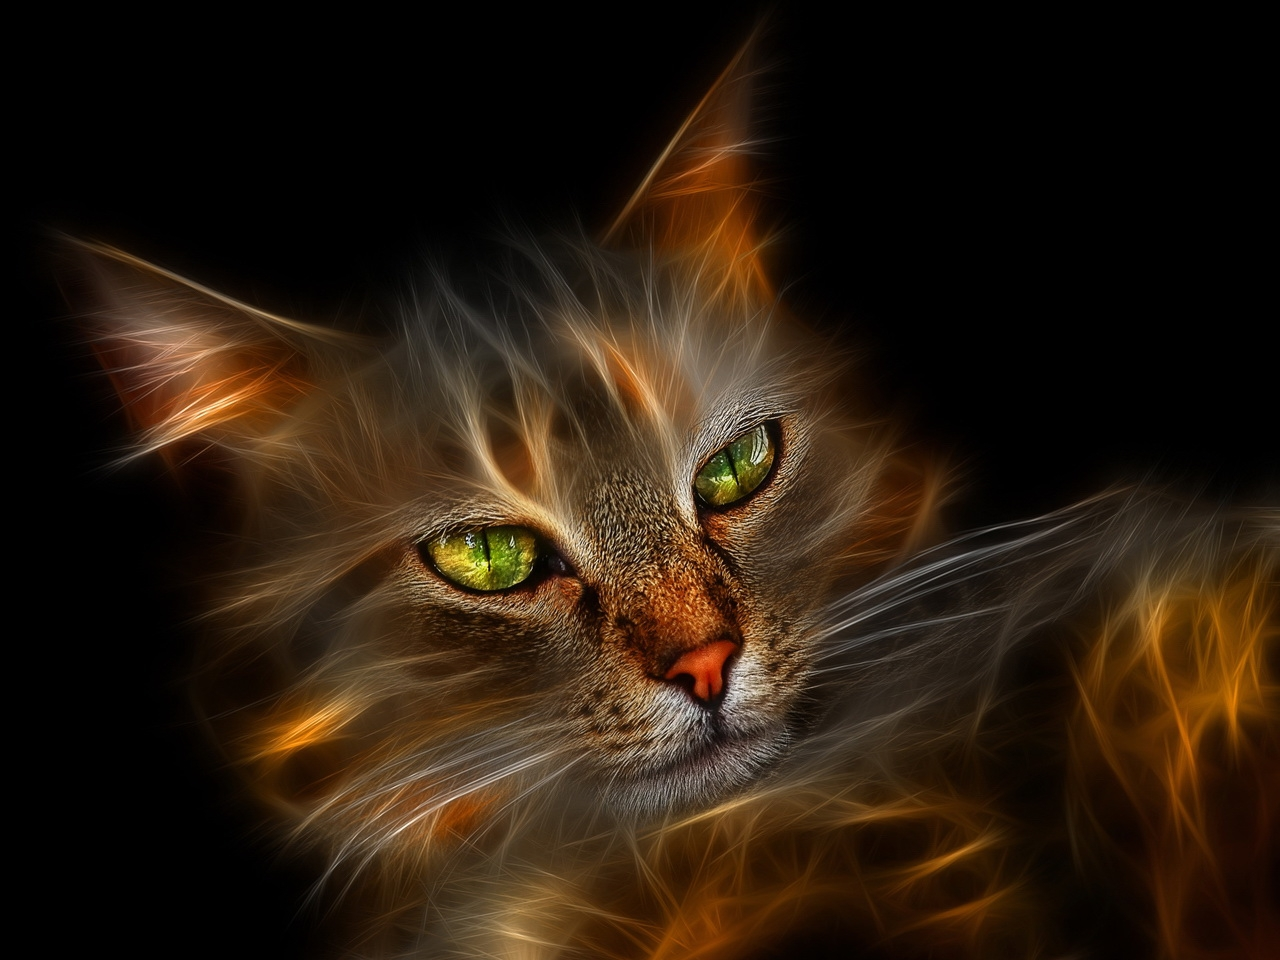 35112 скачать обои Кошки (Коты, Котики), Животные, Арт - заставки и картинки бесплатно